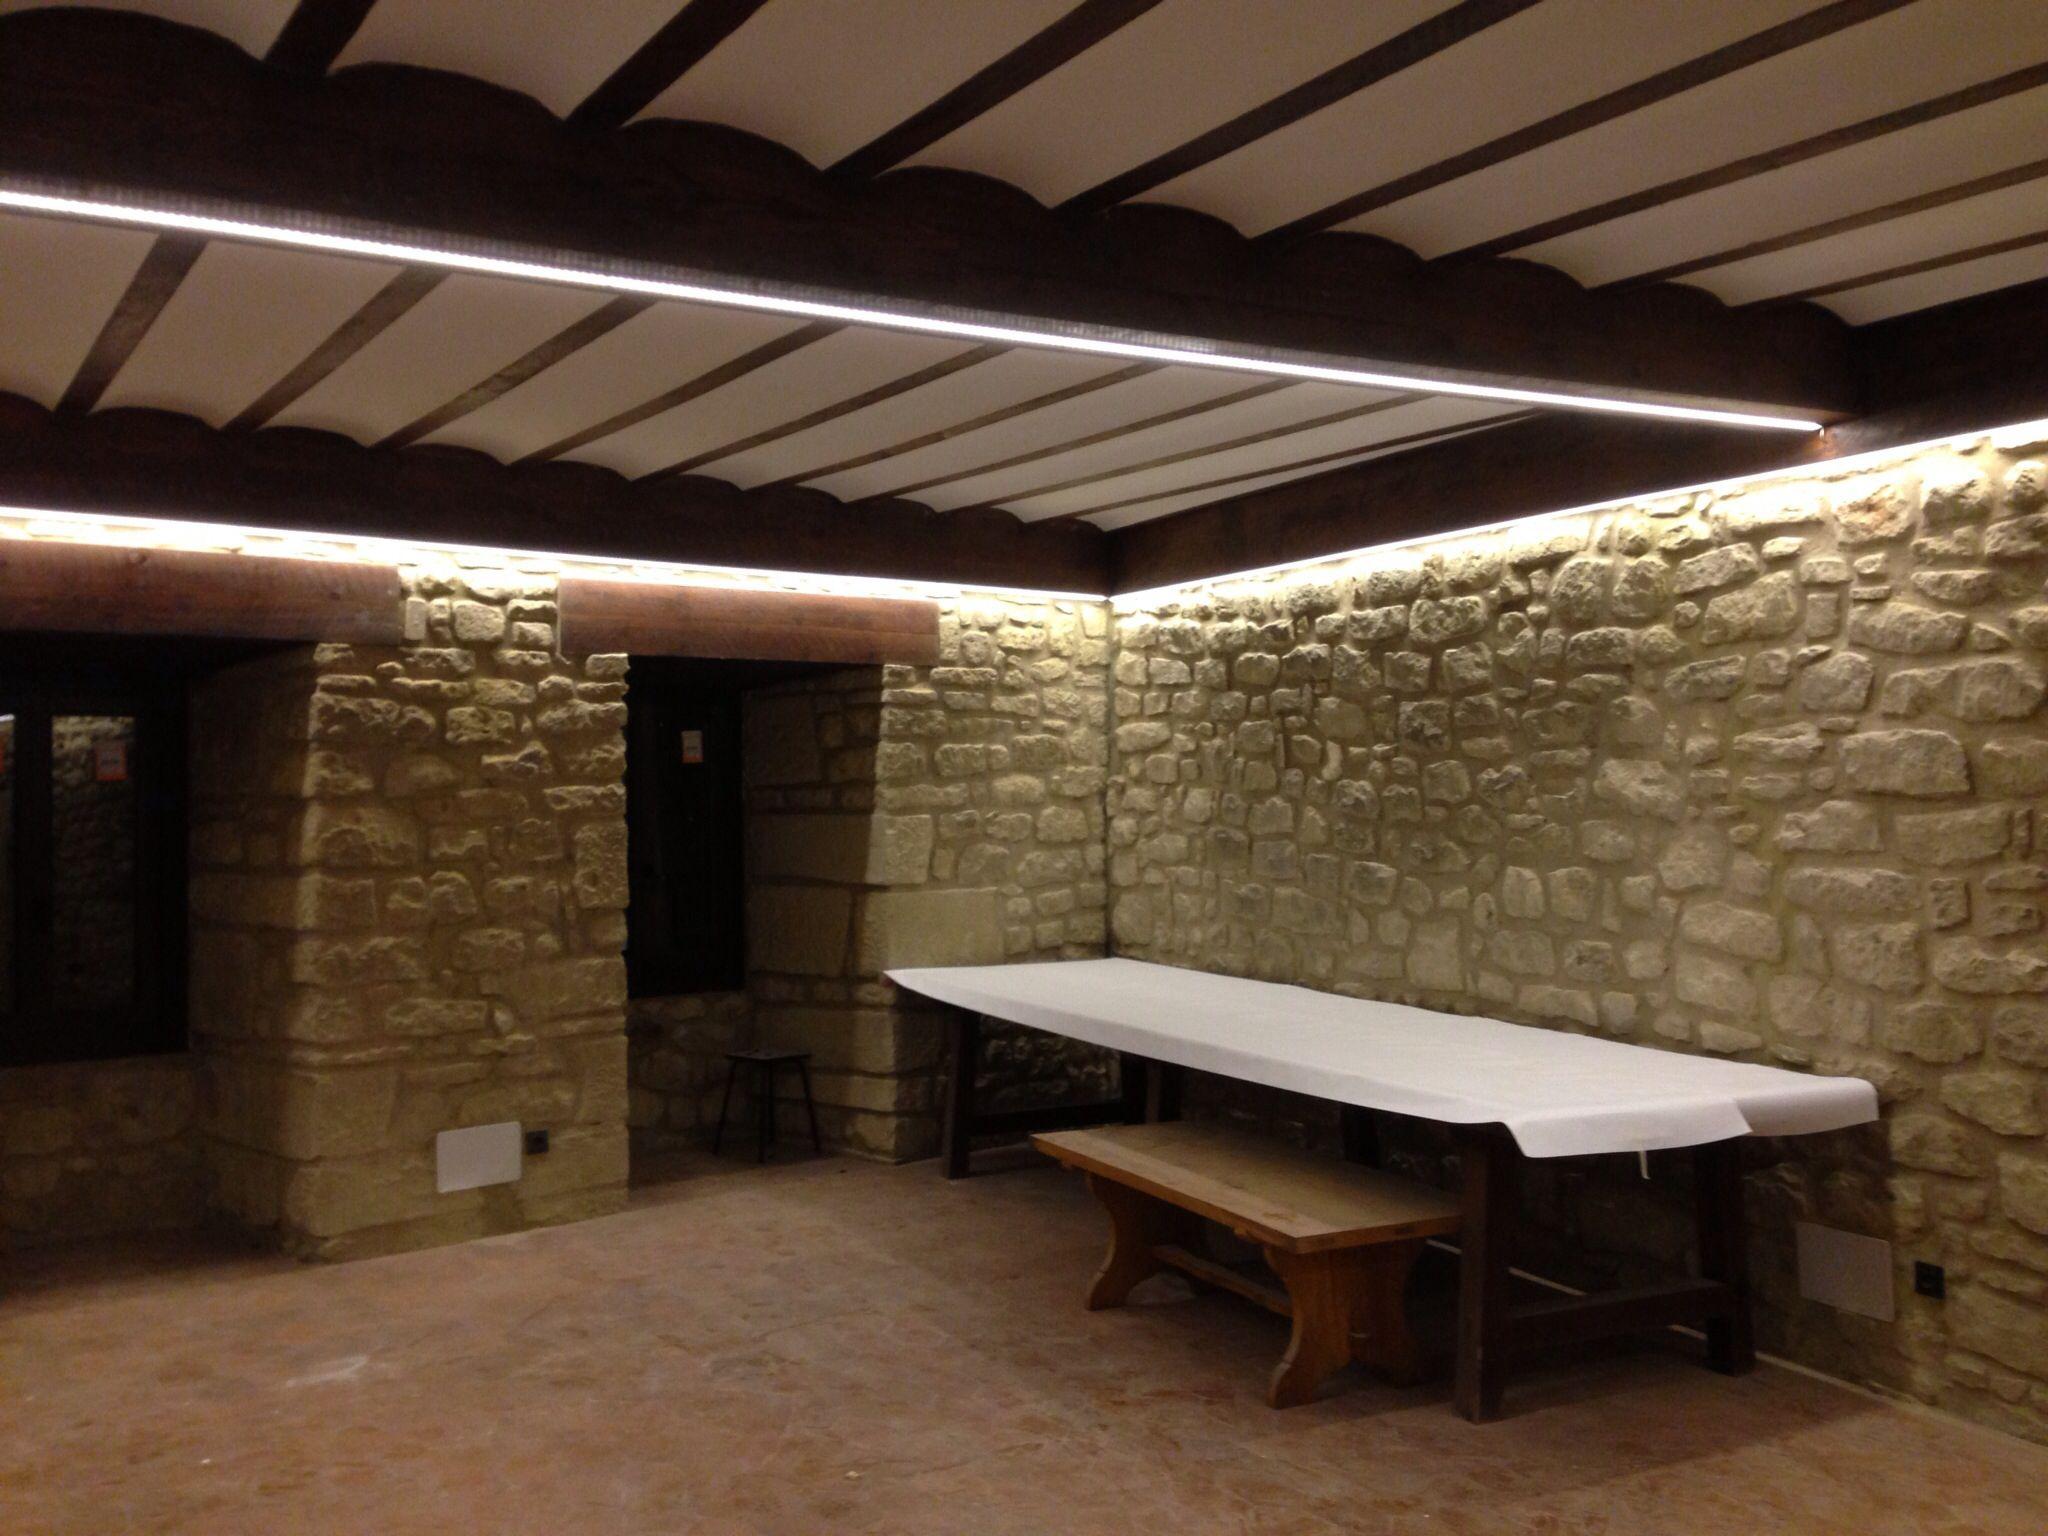 Txoko de paredes de piedra y vigas de madera iluminado - Iluminacion con leds ...